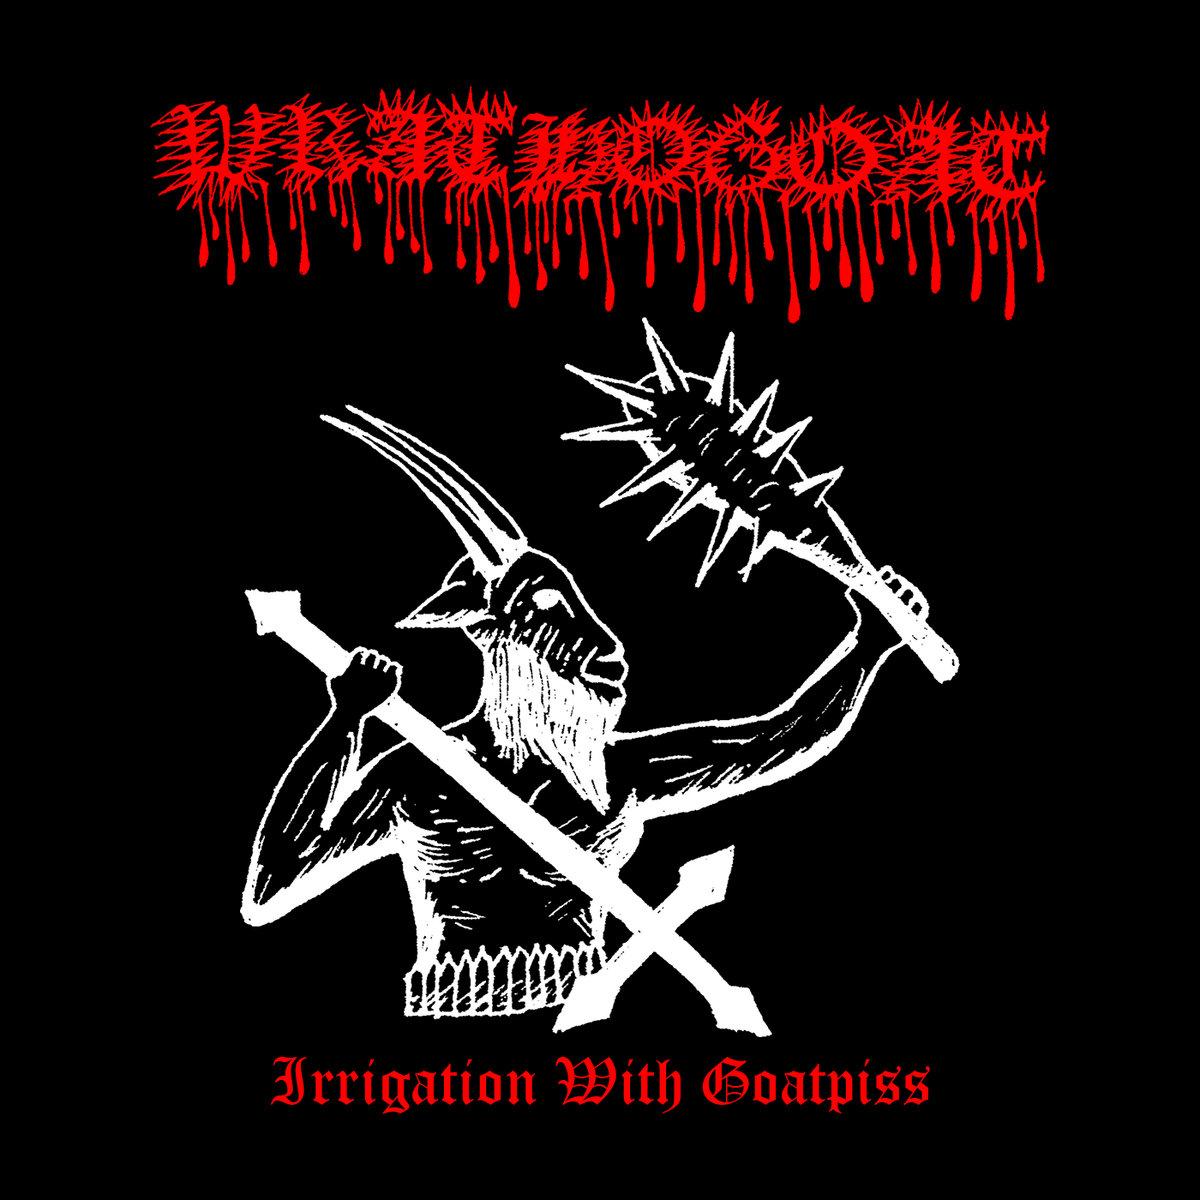 Wrathogoat - Irrigation with Goatpiss